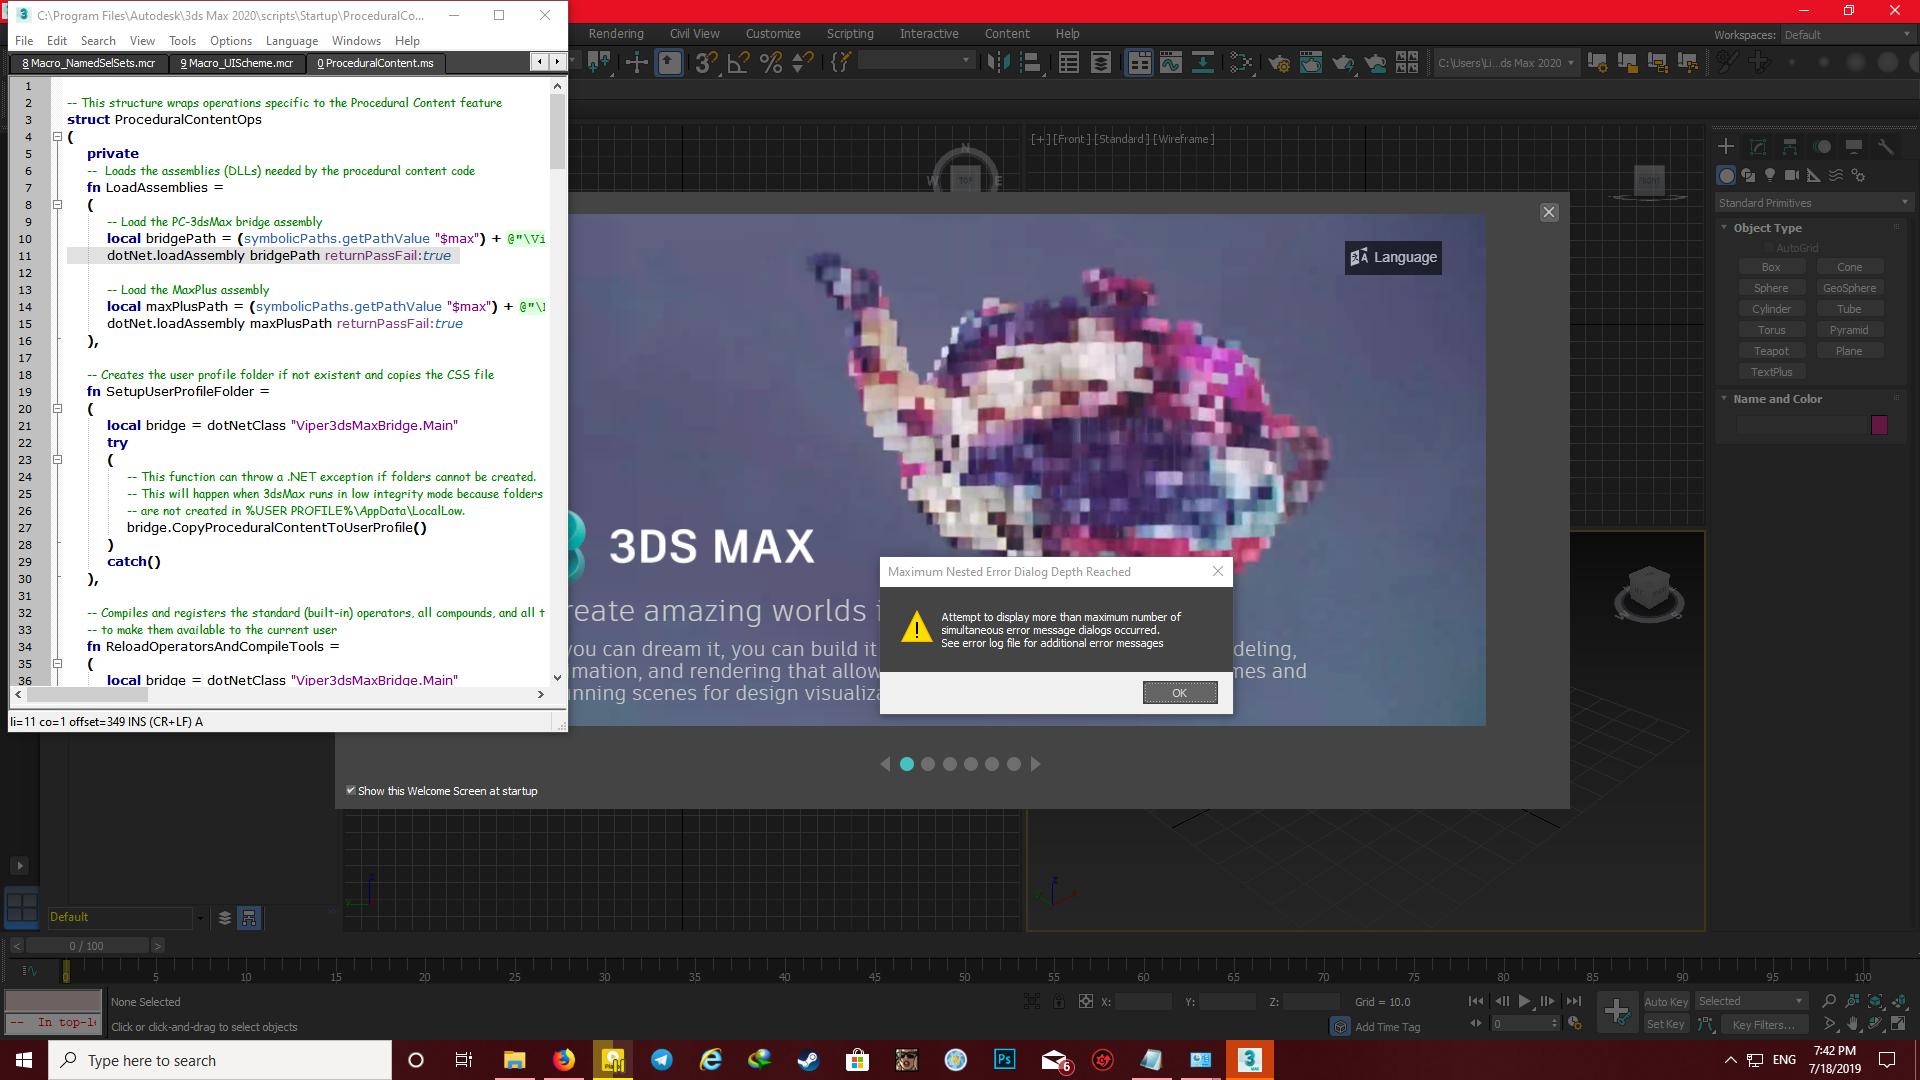 3ds max 2020 maxscript auto load script error - Autodesk Community